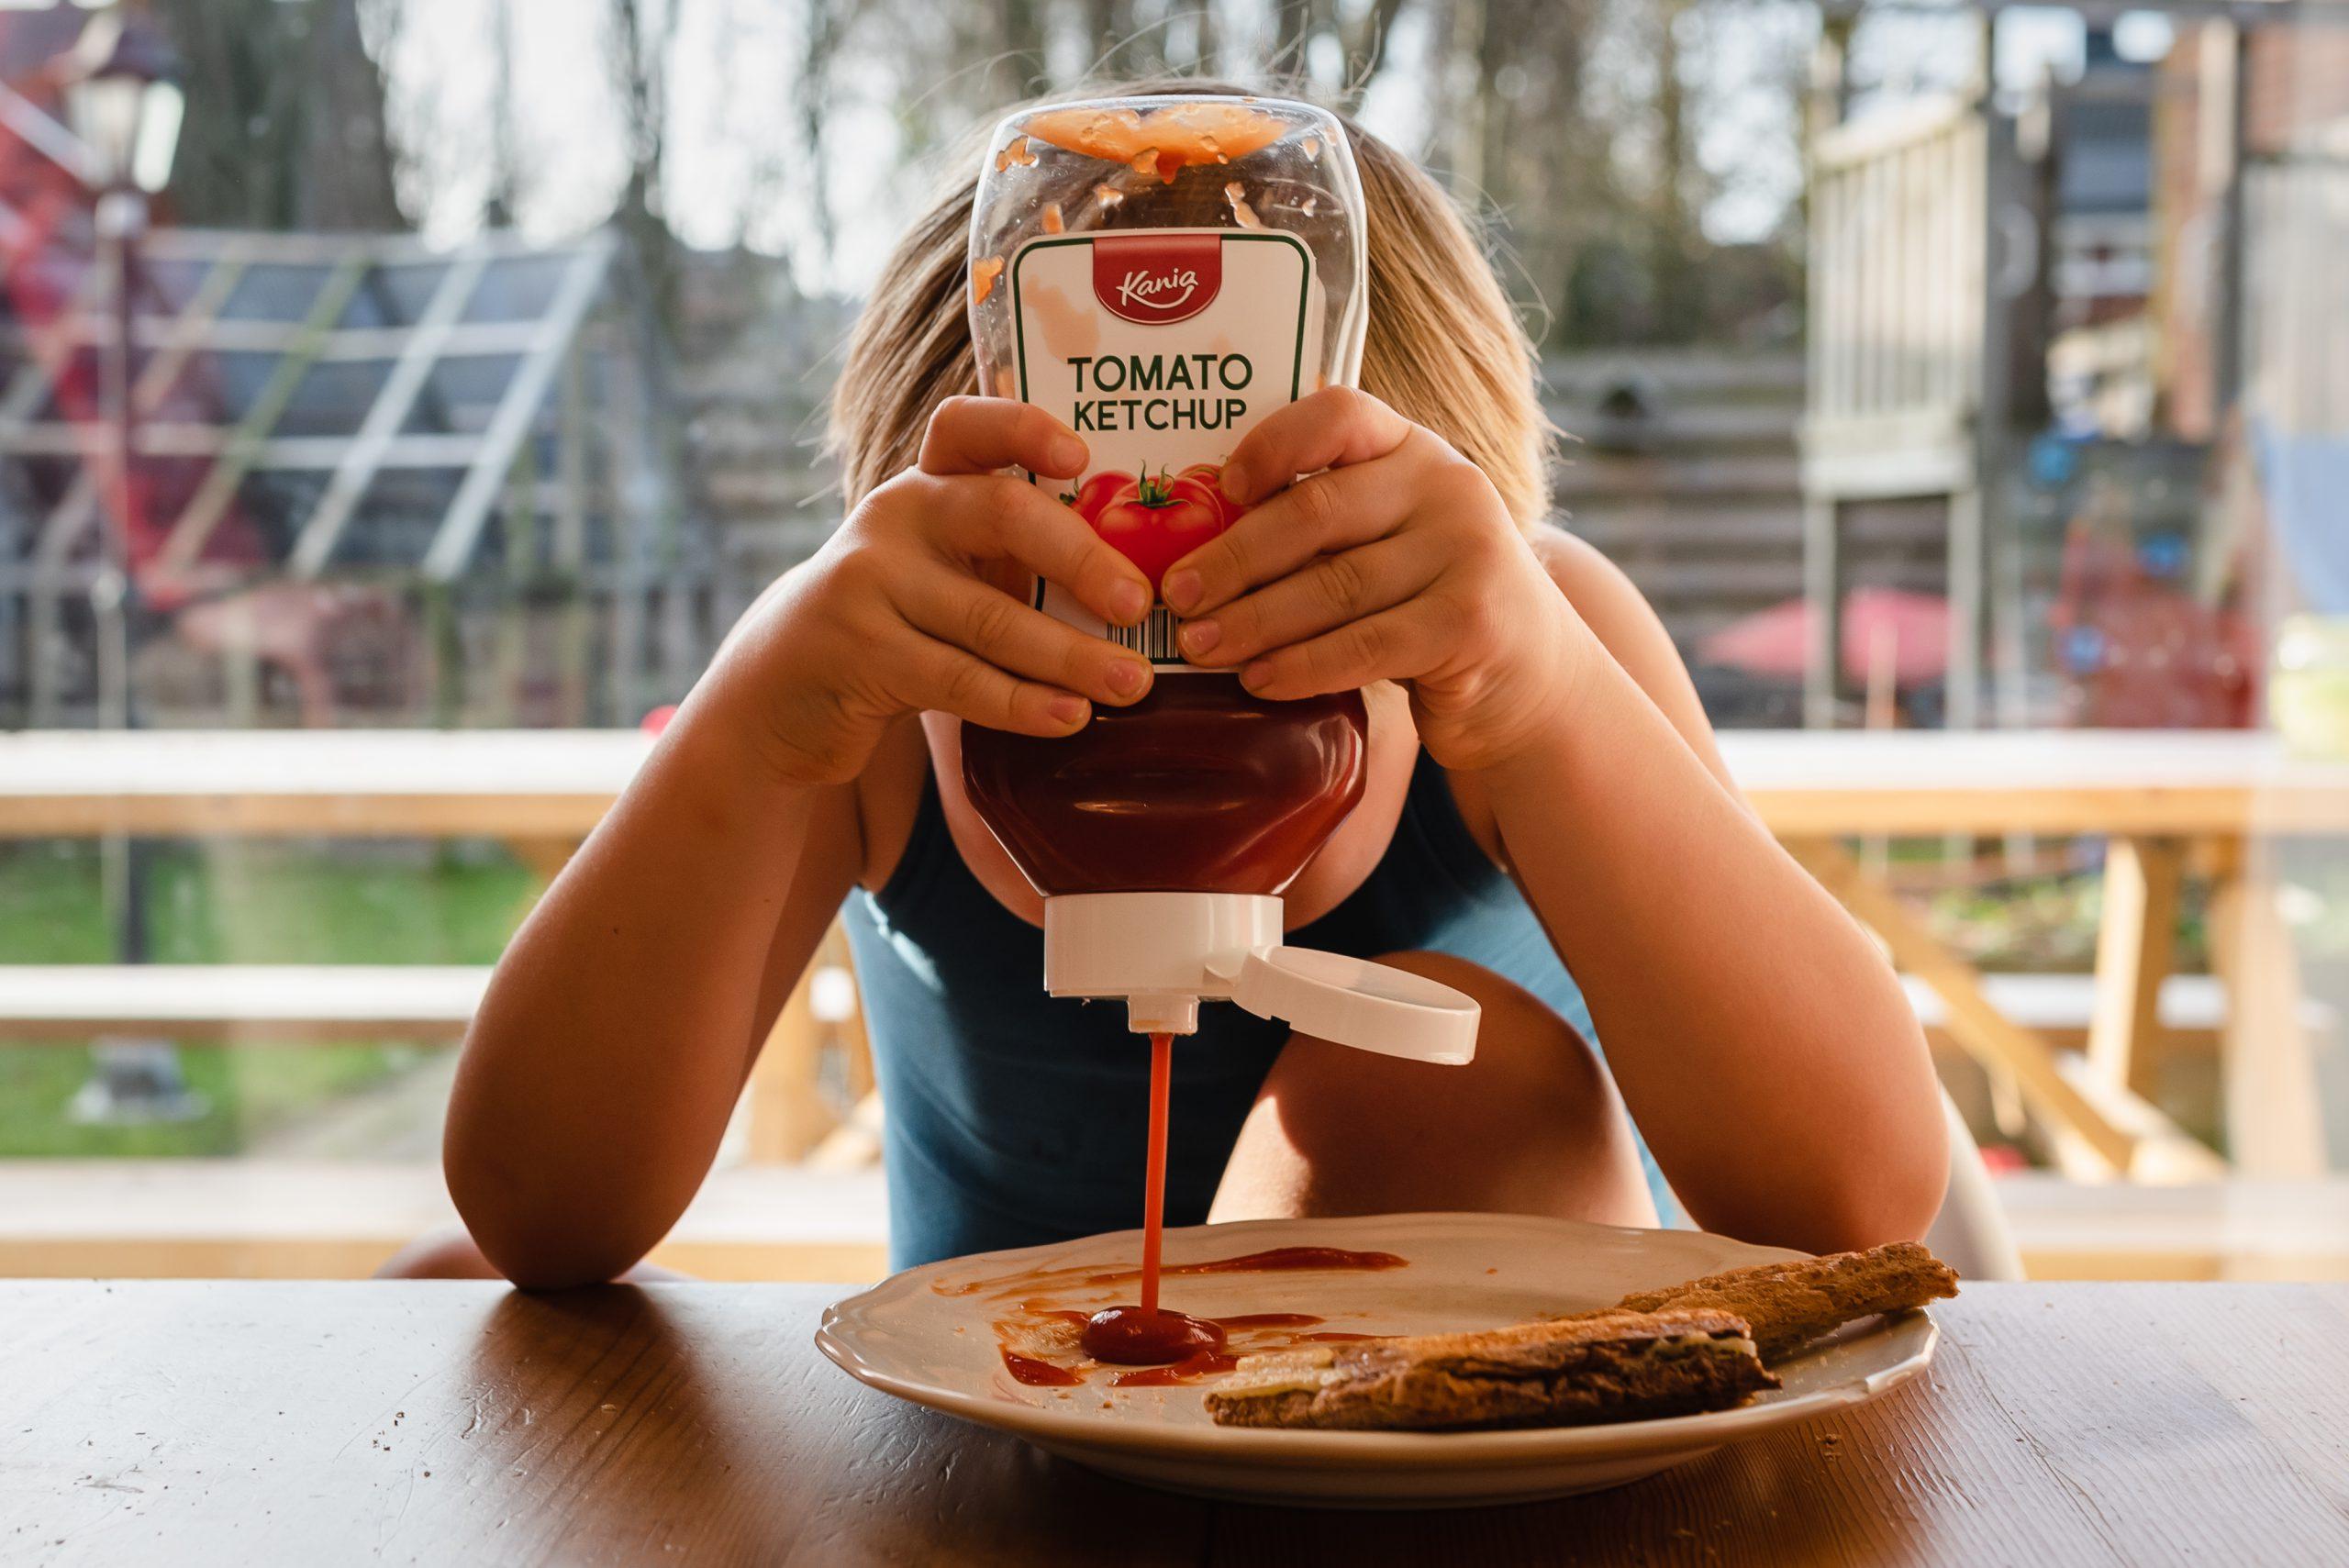 Ketchup, Heinz, tosti eten, gezinsfotograaf, gezinsfotograaf Assen, gezinsfotograaf Drenthe, Familiefotograaf Assen, Familiefotograaf Drenthe, familiefotograaf